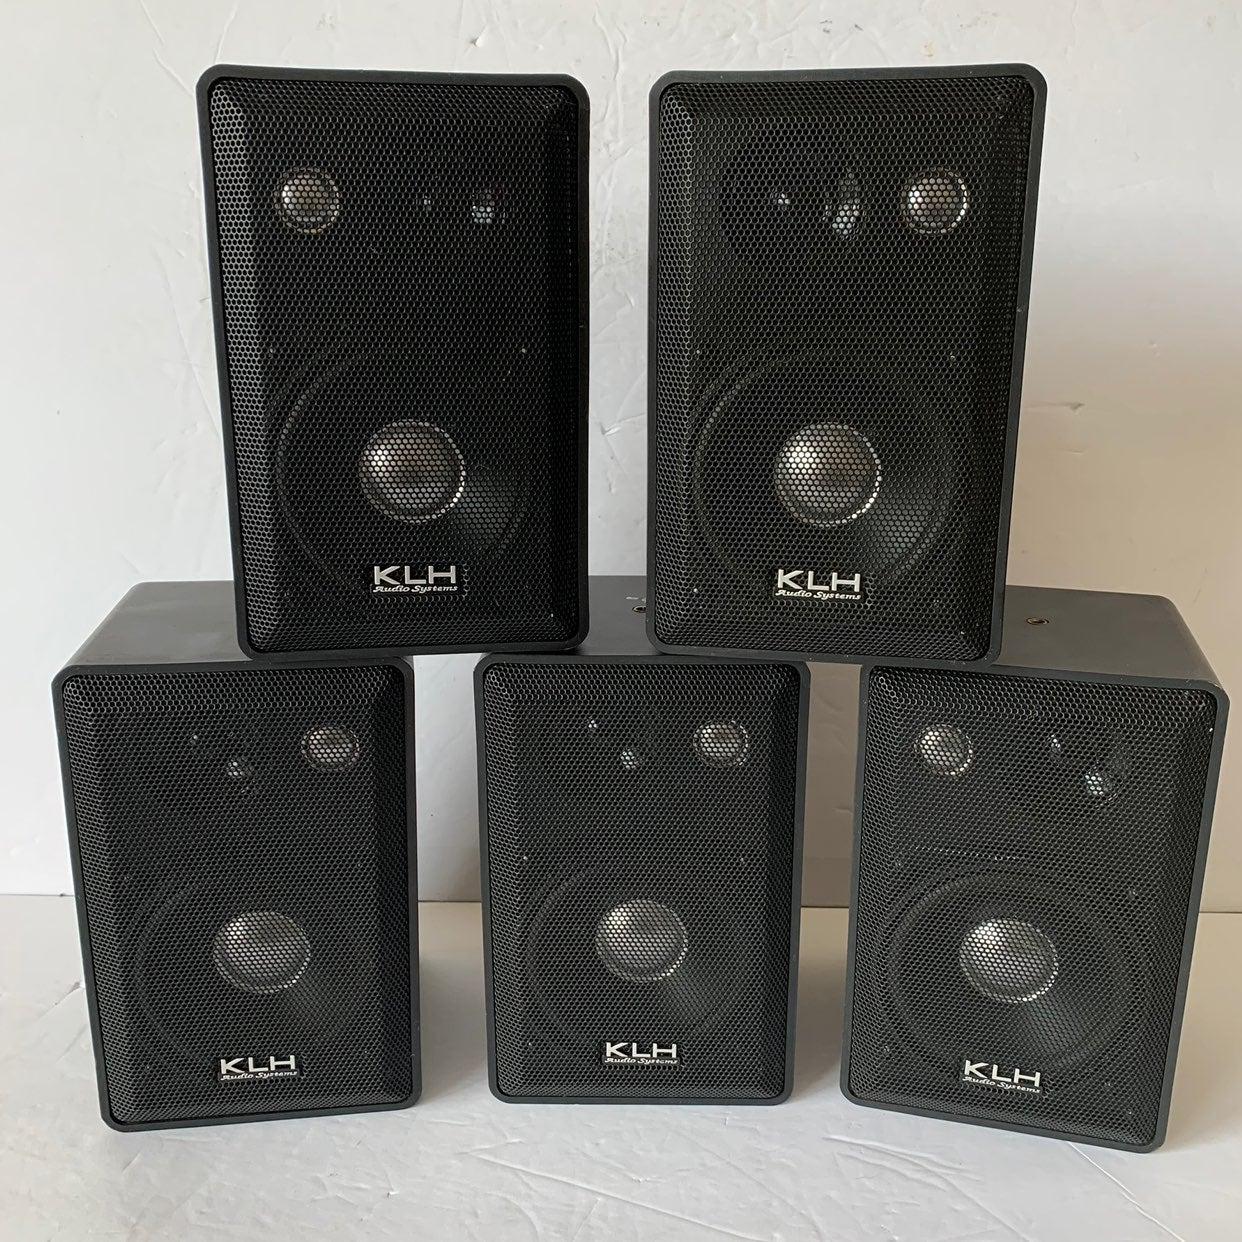 5 -KLH 979B Indoor/outdoor 3 Way Speaker